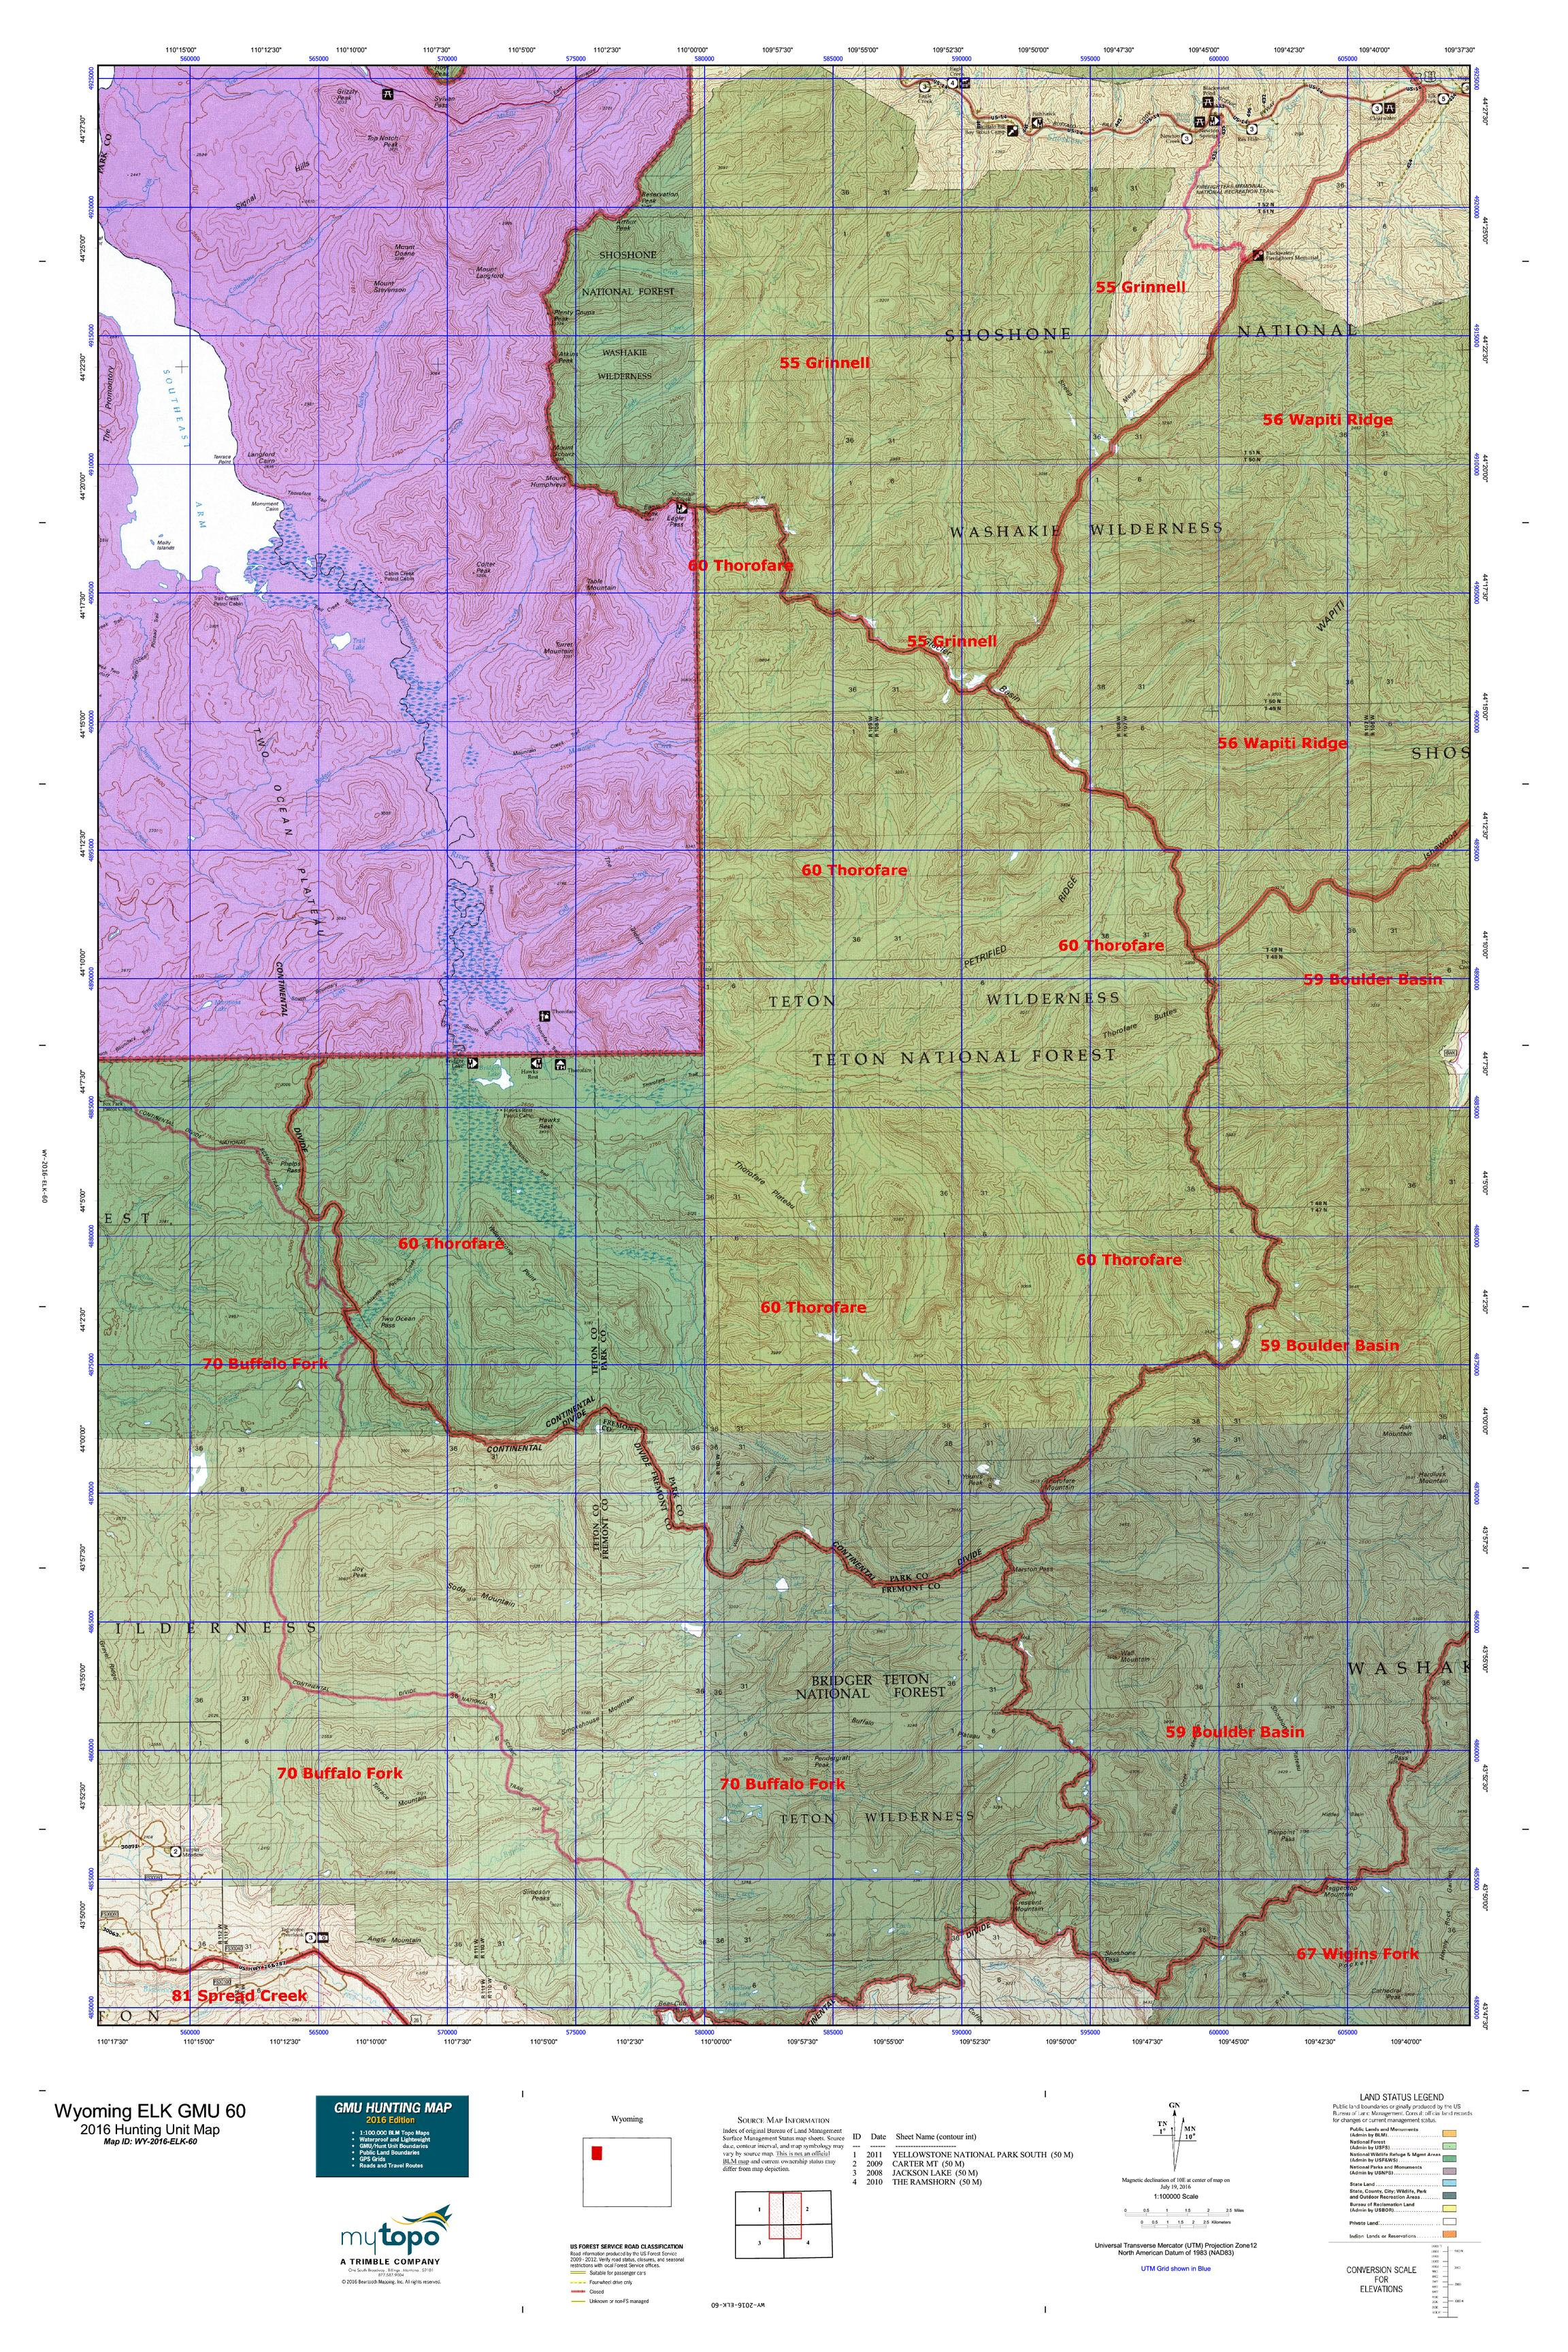 Wyoming ELK GMU  Map MyTopo - Map us 81